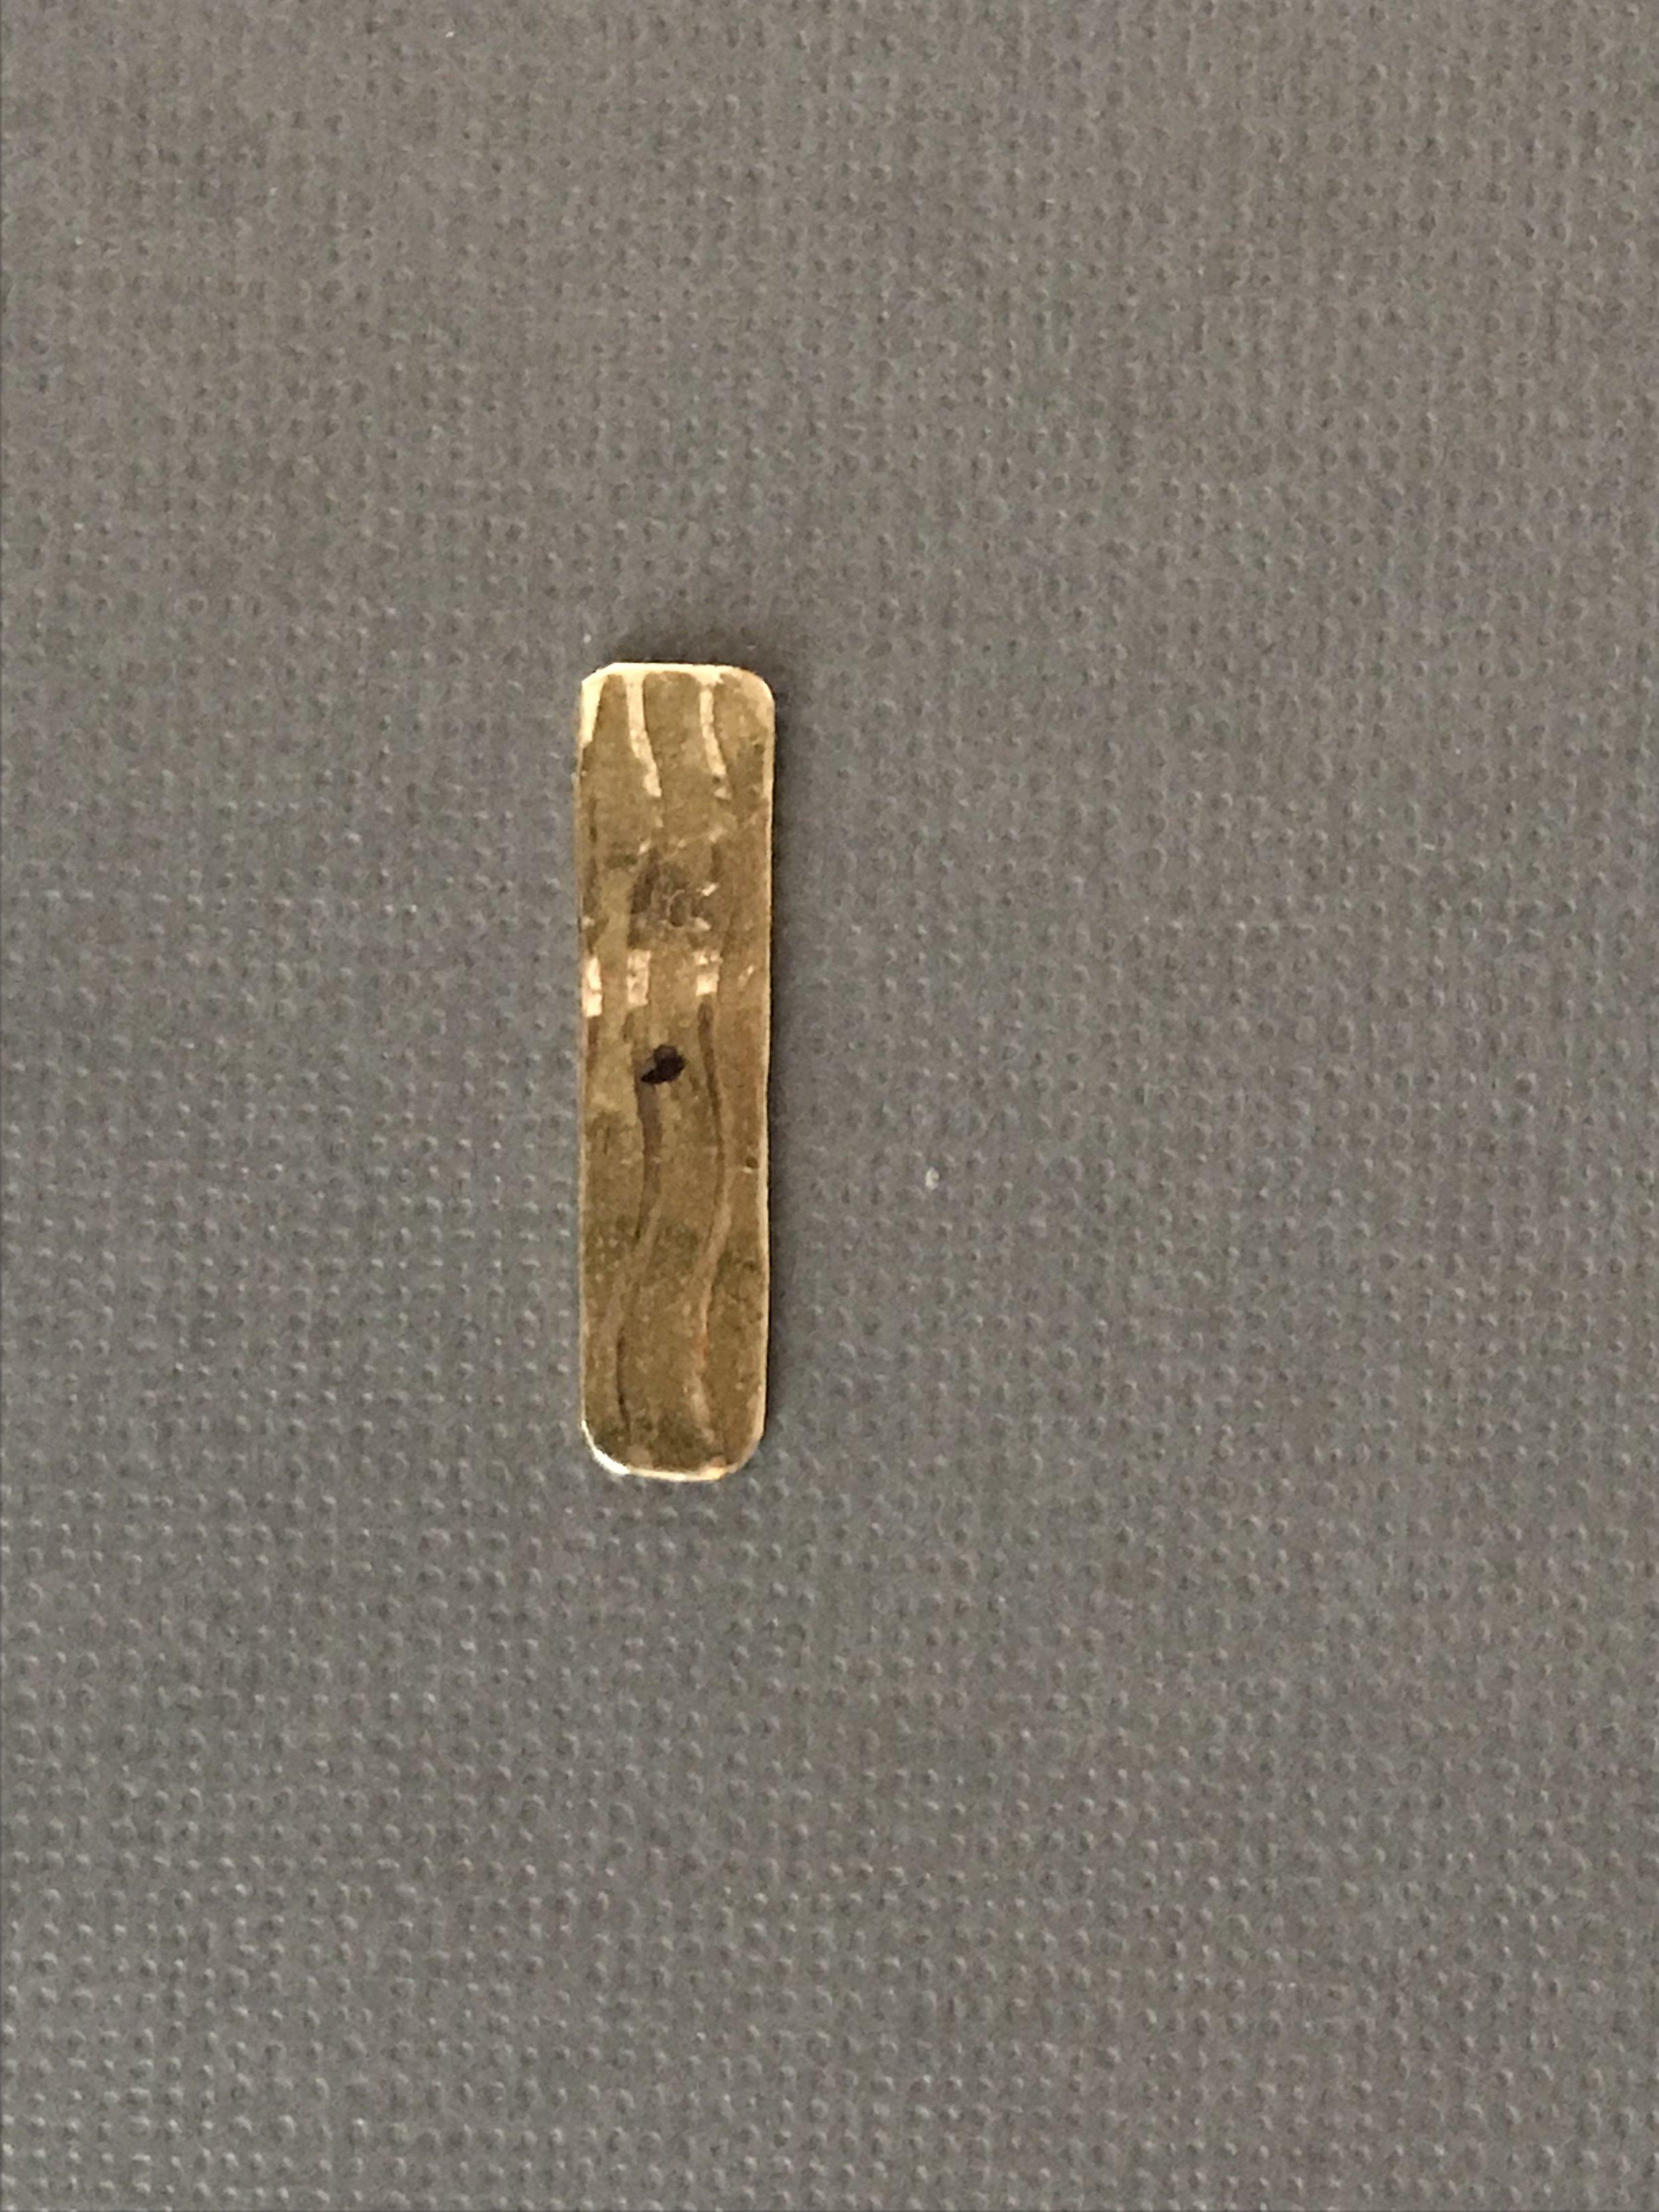 Textured Brass element